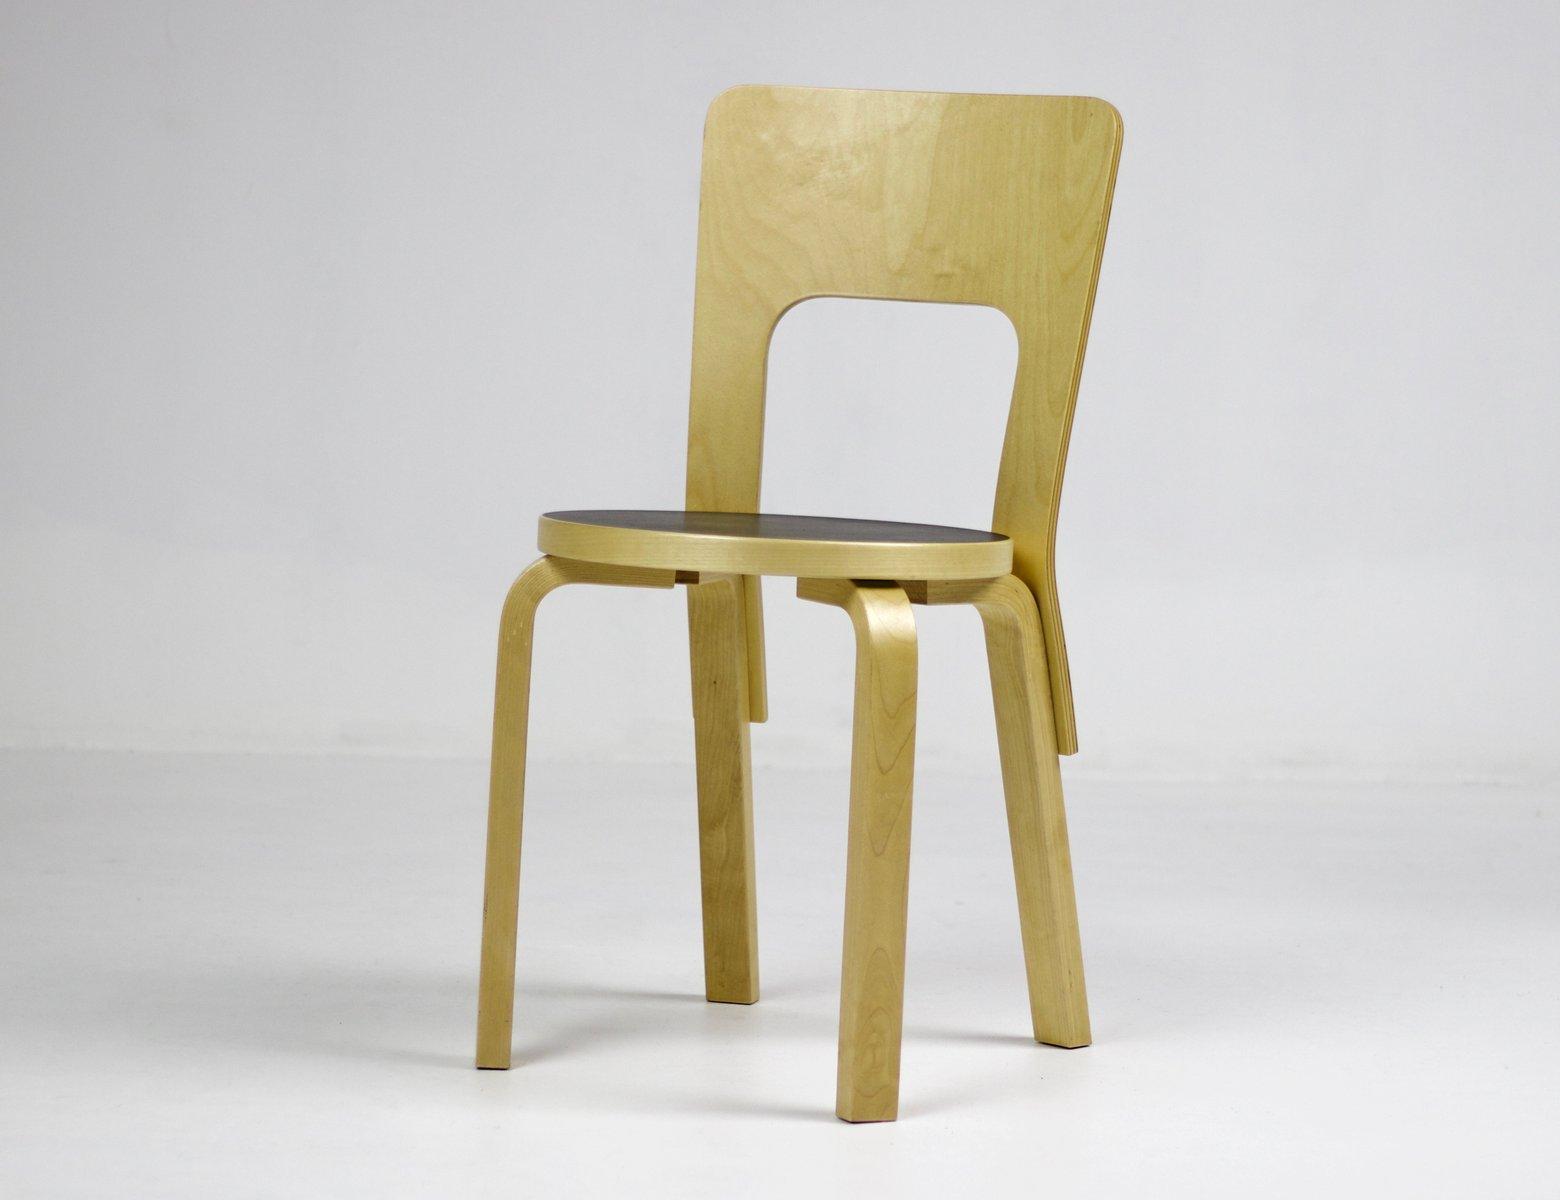 Chaise Modle 66 Vintage Par Alvar Aalto Pour Artek